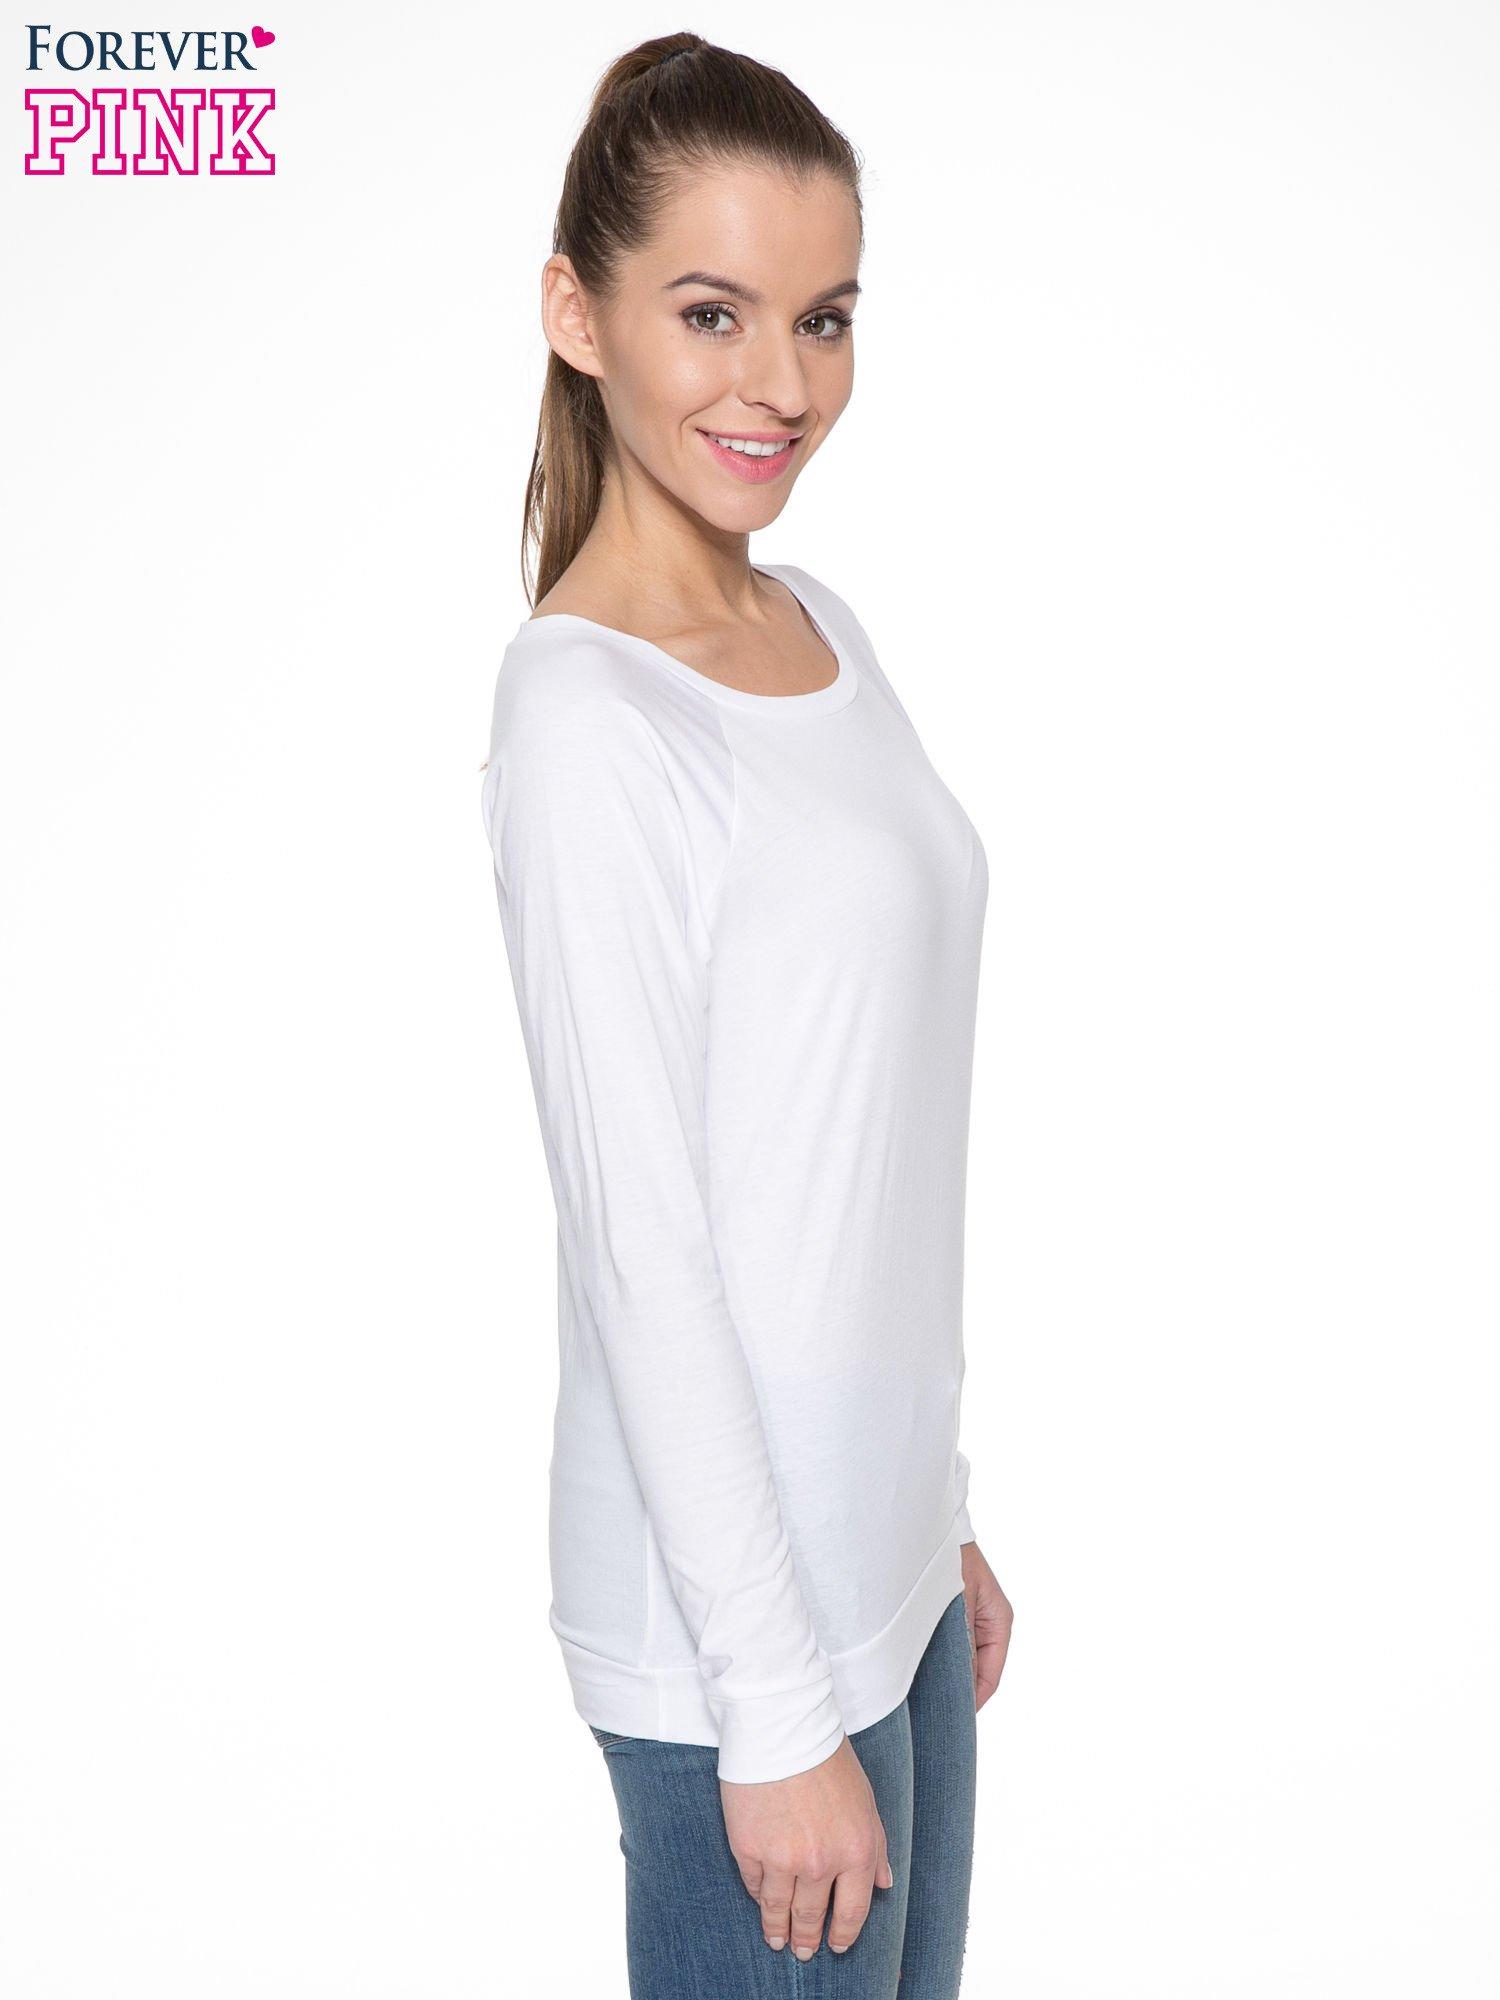 Biała bawełniana bluzka z rękawami typu reglan                                  zdj.                                  3